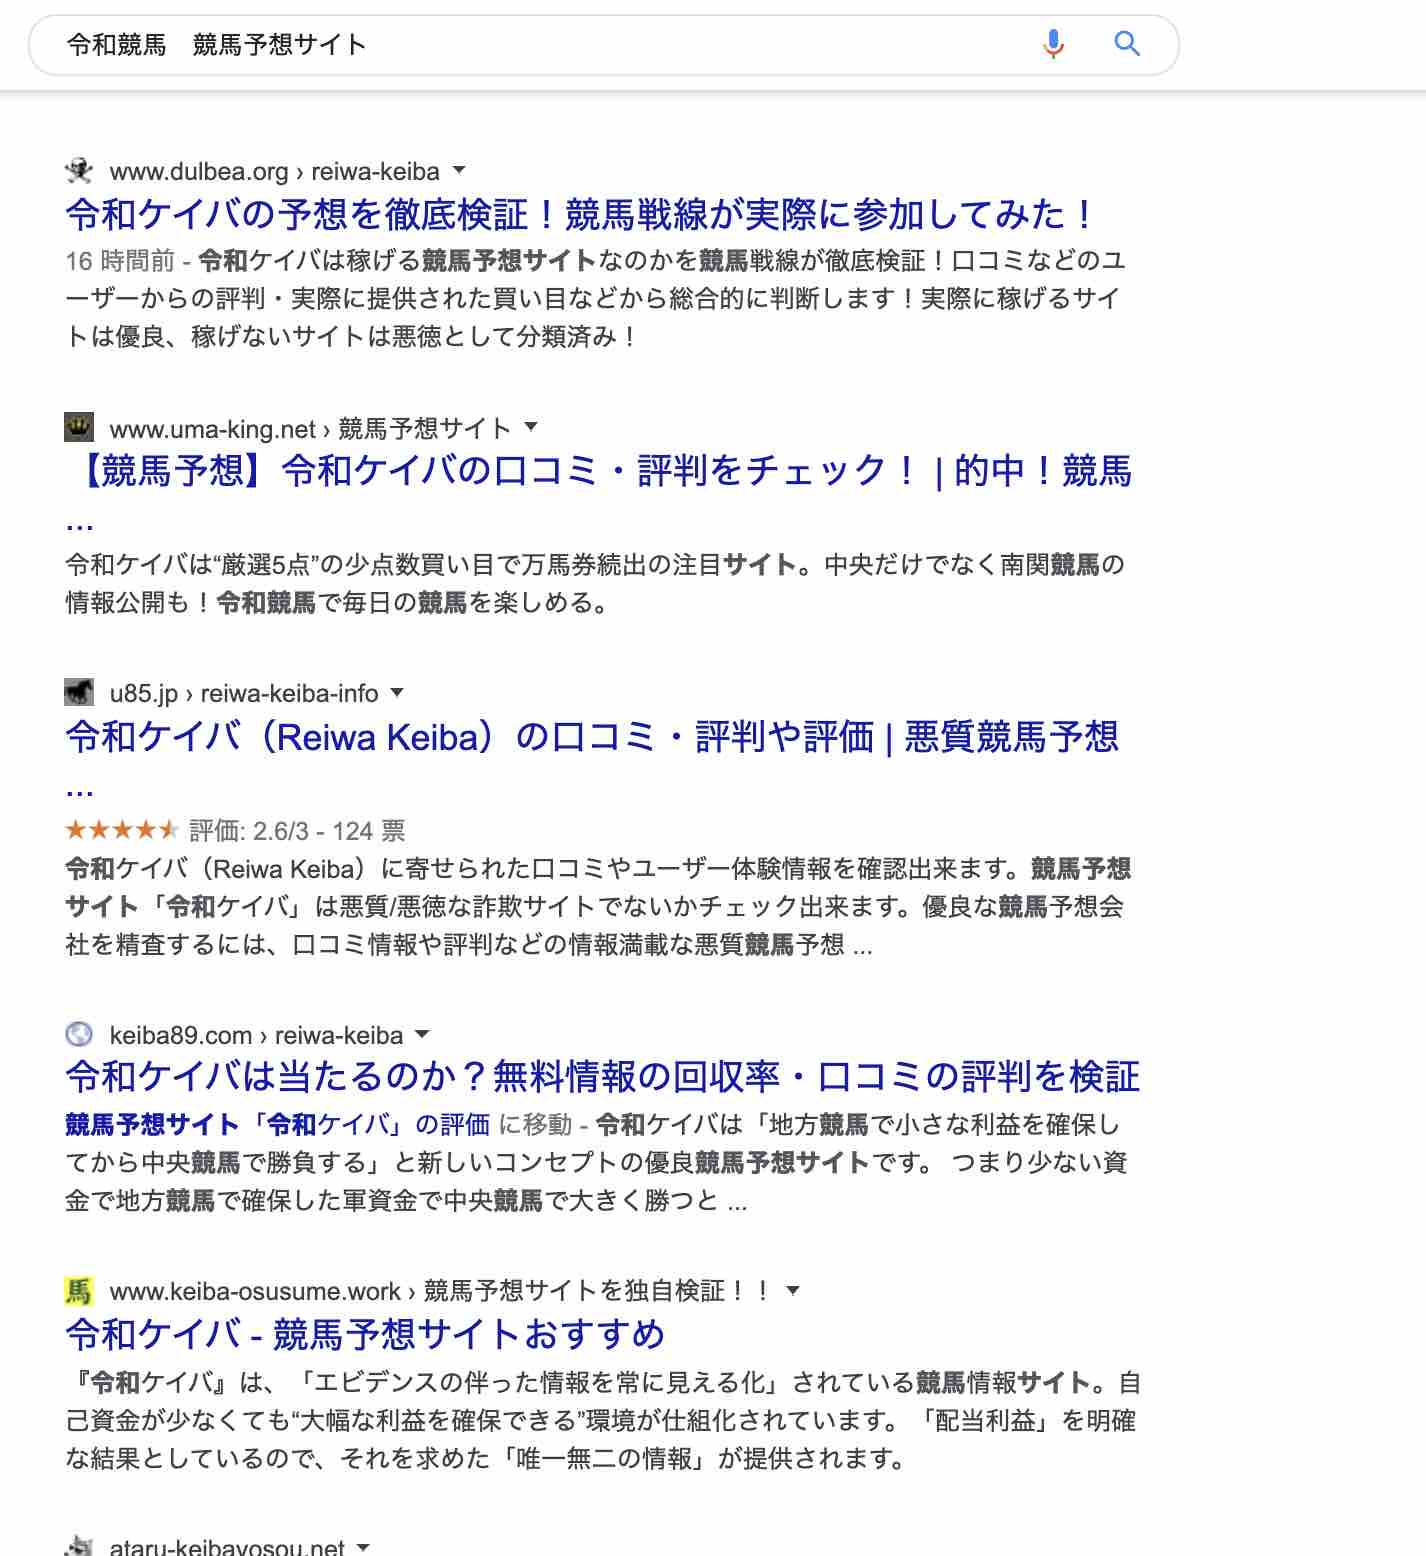 競馬予想サイト 令和ケイバ 検証